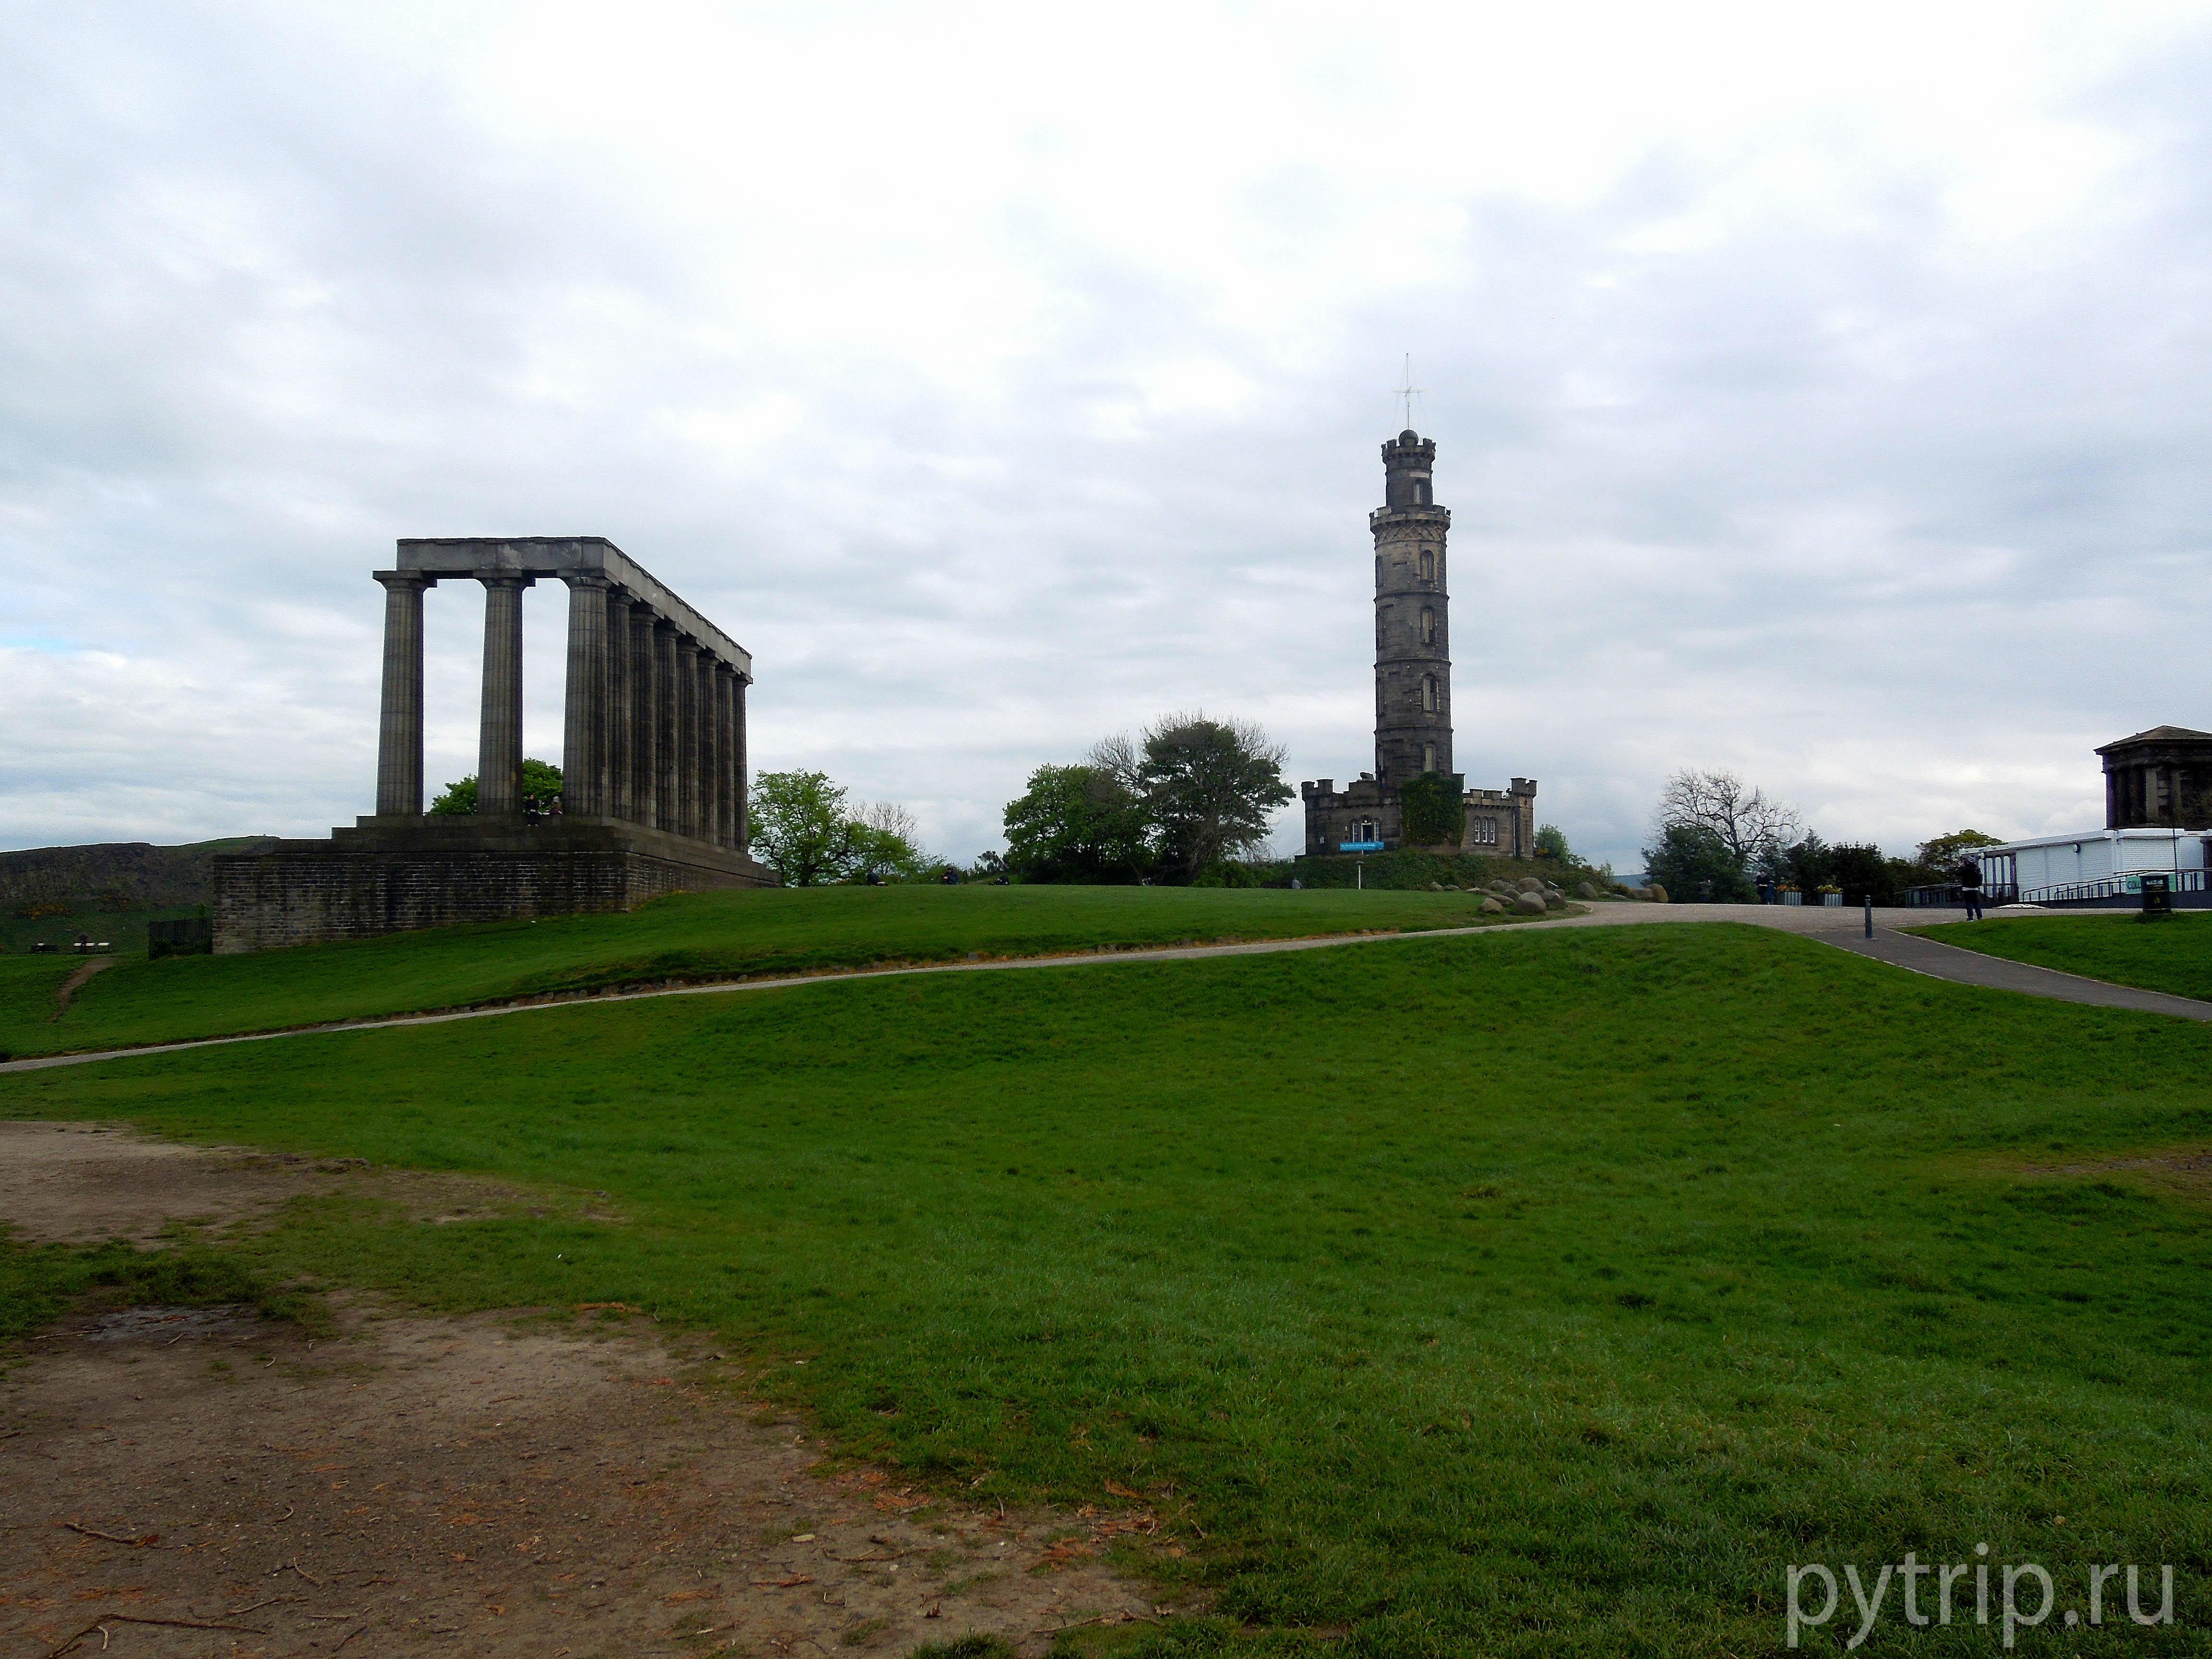 Панорама на башню Нельсона и национальный монумент